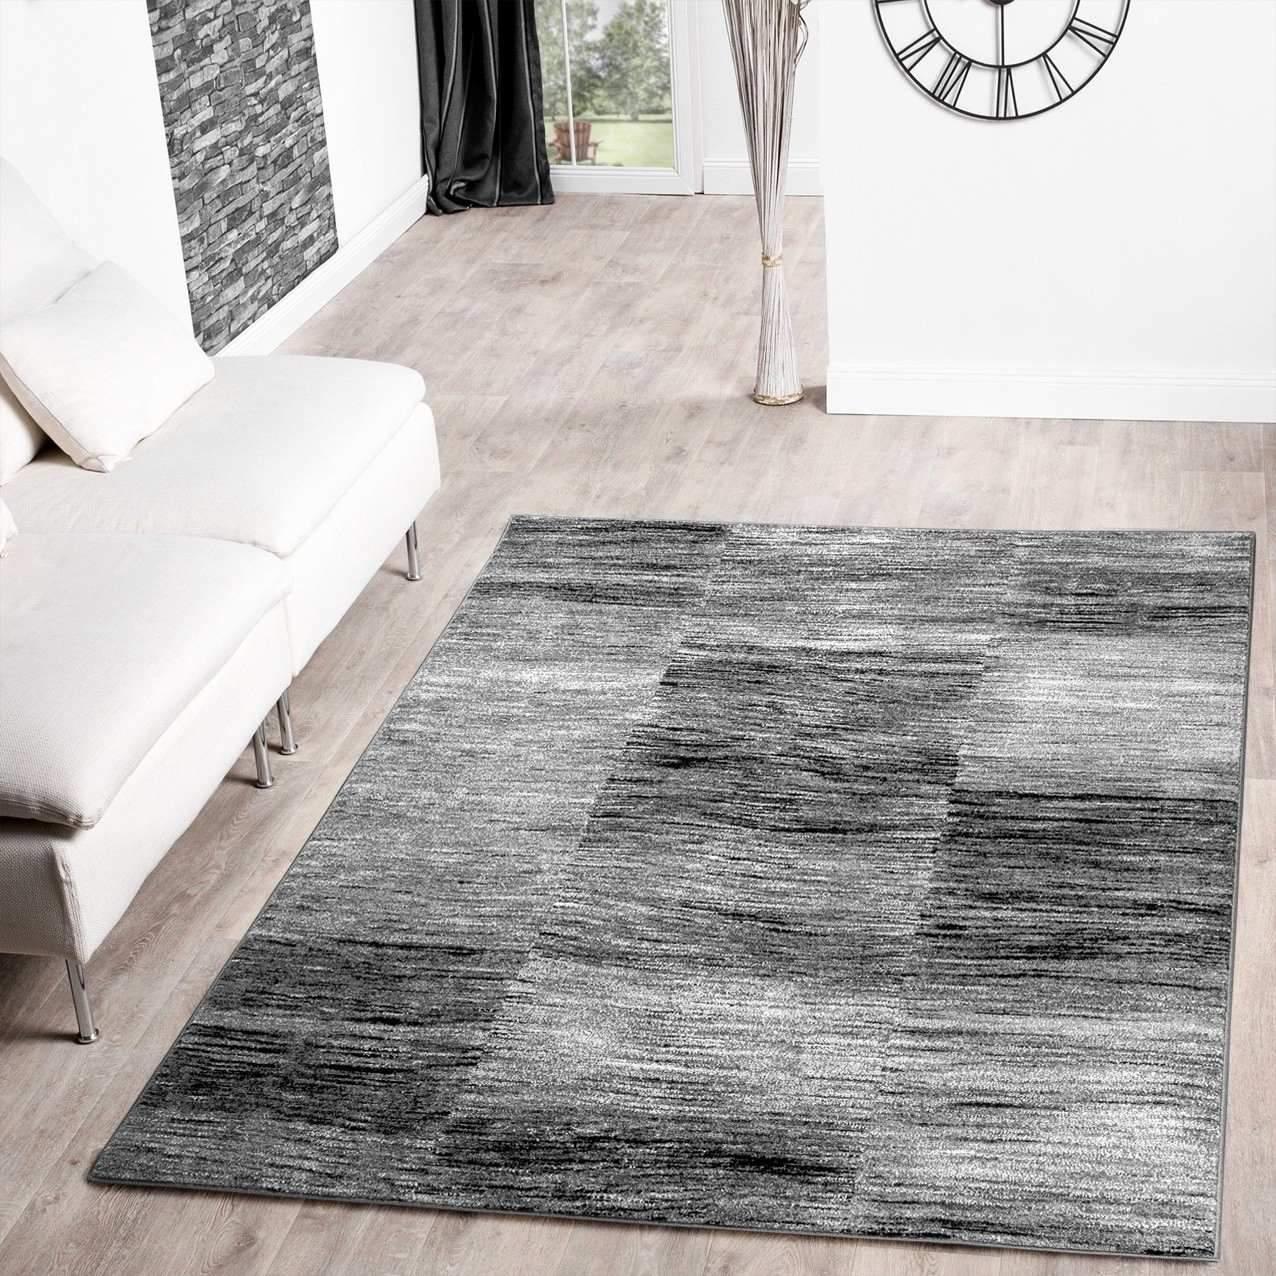 Full Size of Wohnzimmer Teppich Grau Schön 45 Tolle Von Designer Teppich Grau Design Wohnzimmer Wohnzimmer Teppich